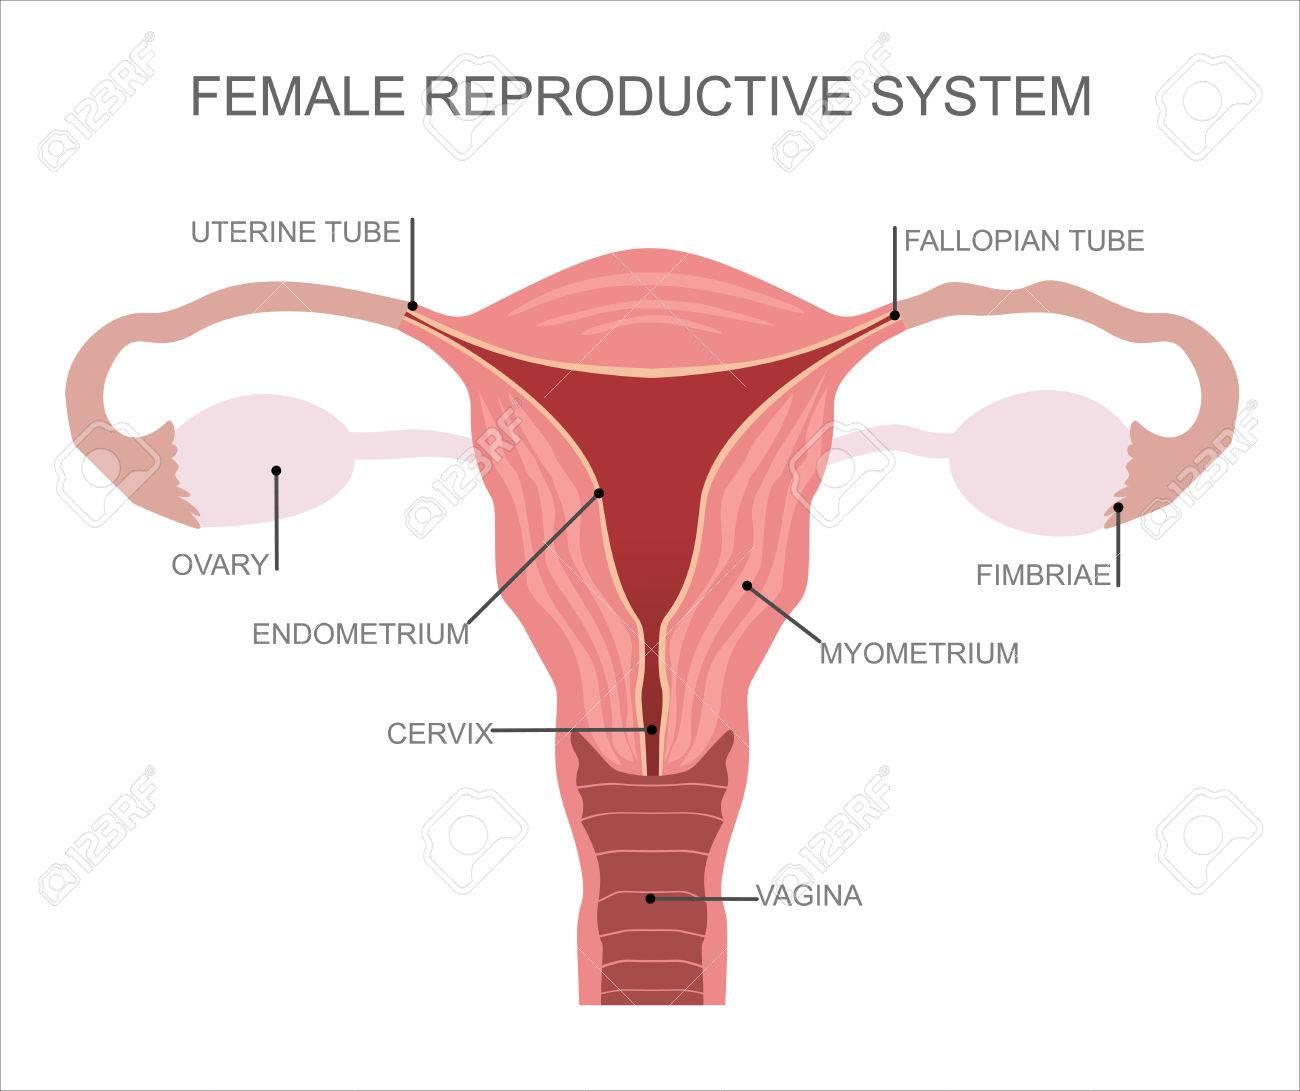 Tero Y Los Ovarios, Los órganos Del Sistema Reproductor Femenino ...